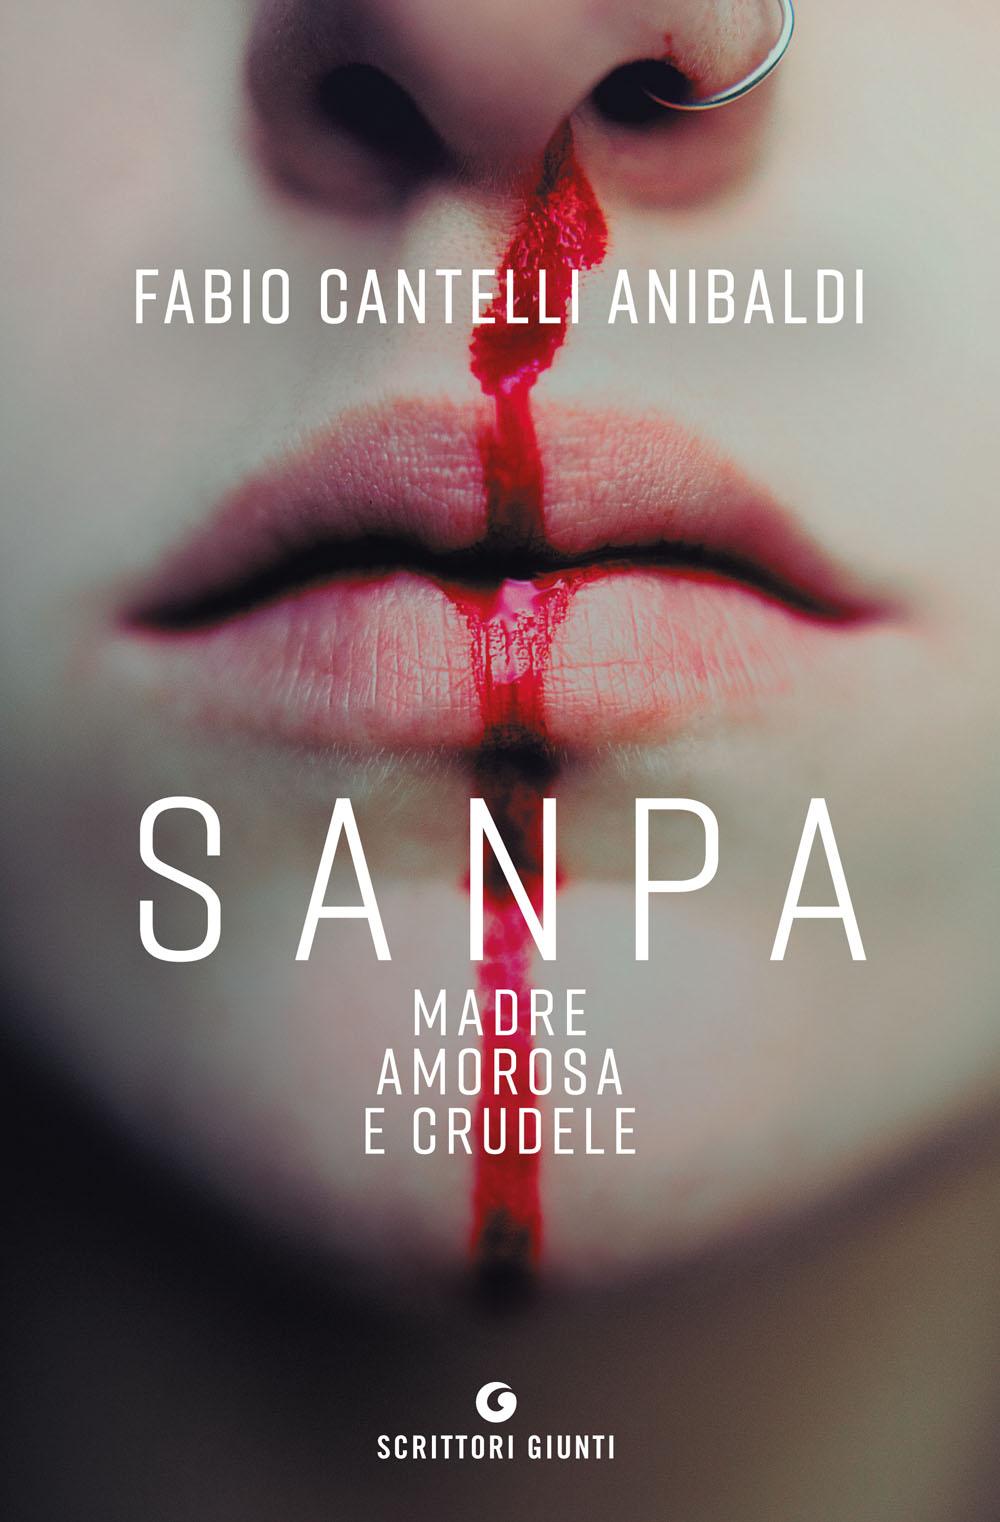 Sanpa, madre amorosa e crudele